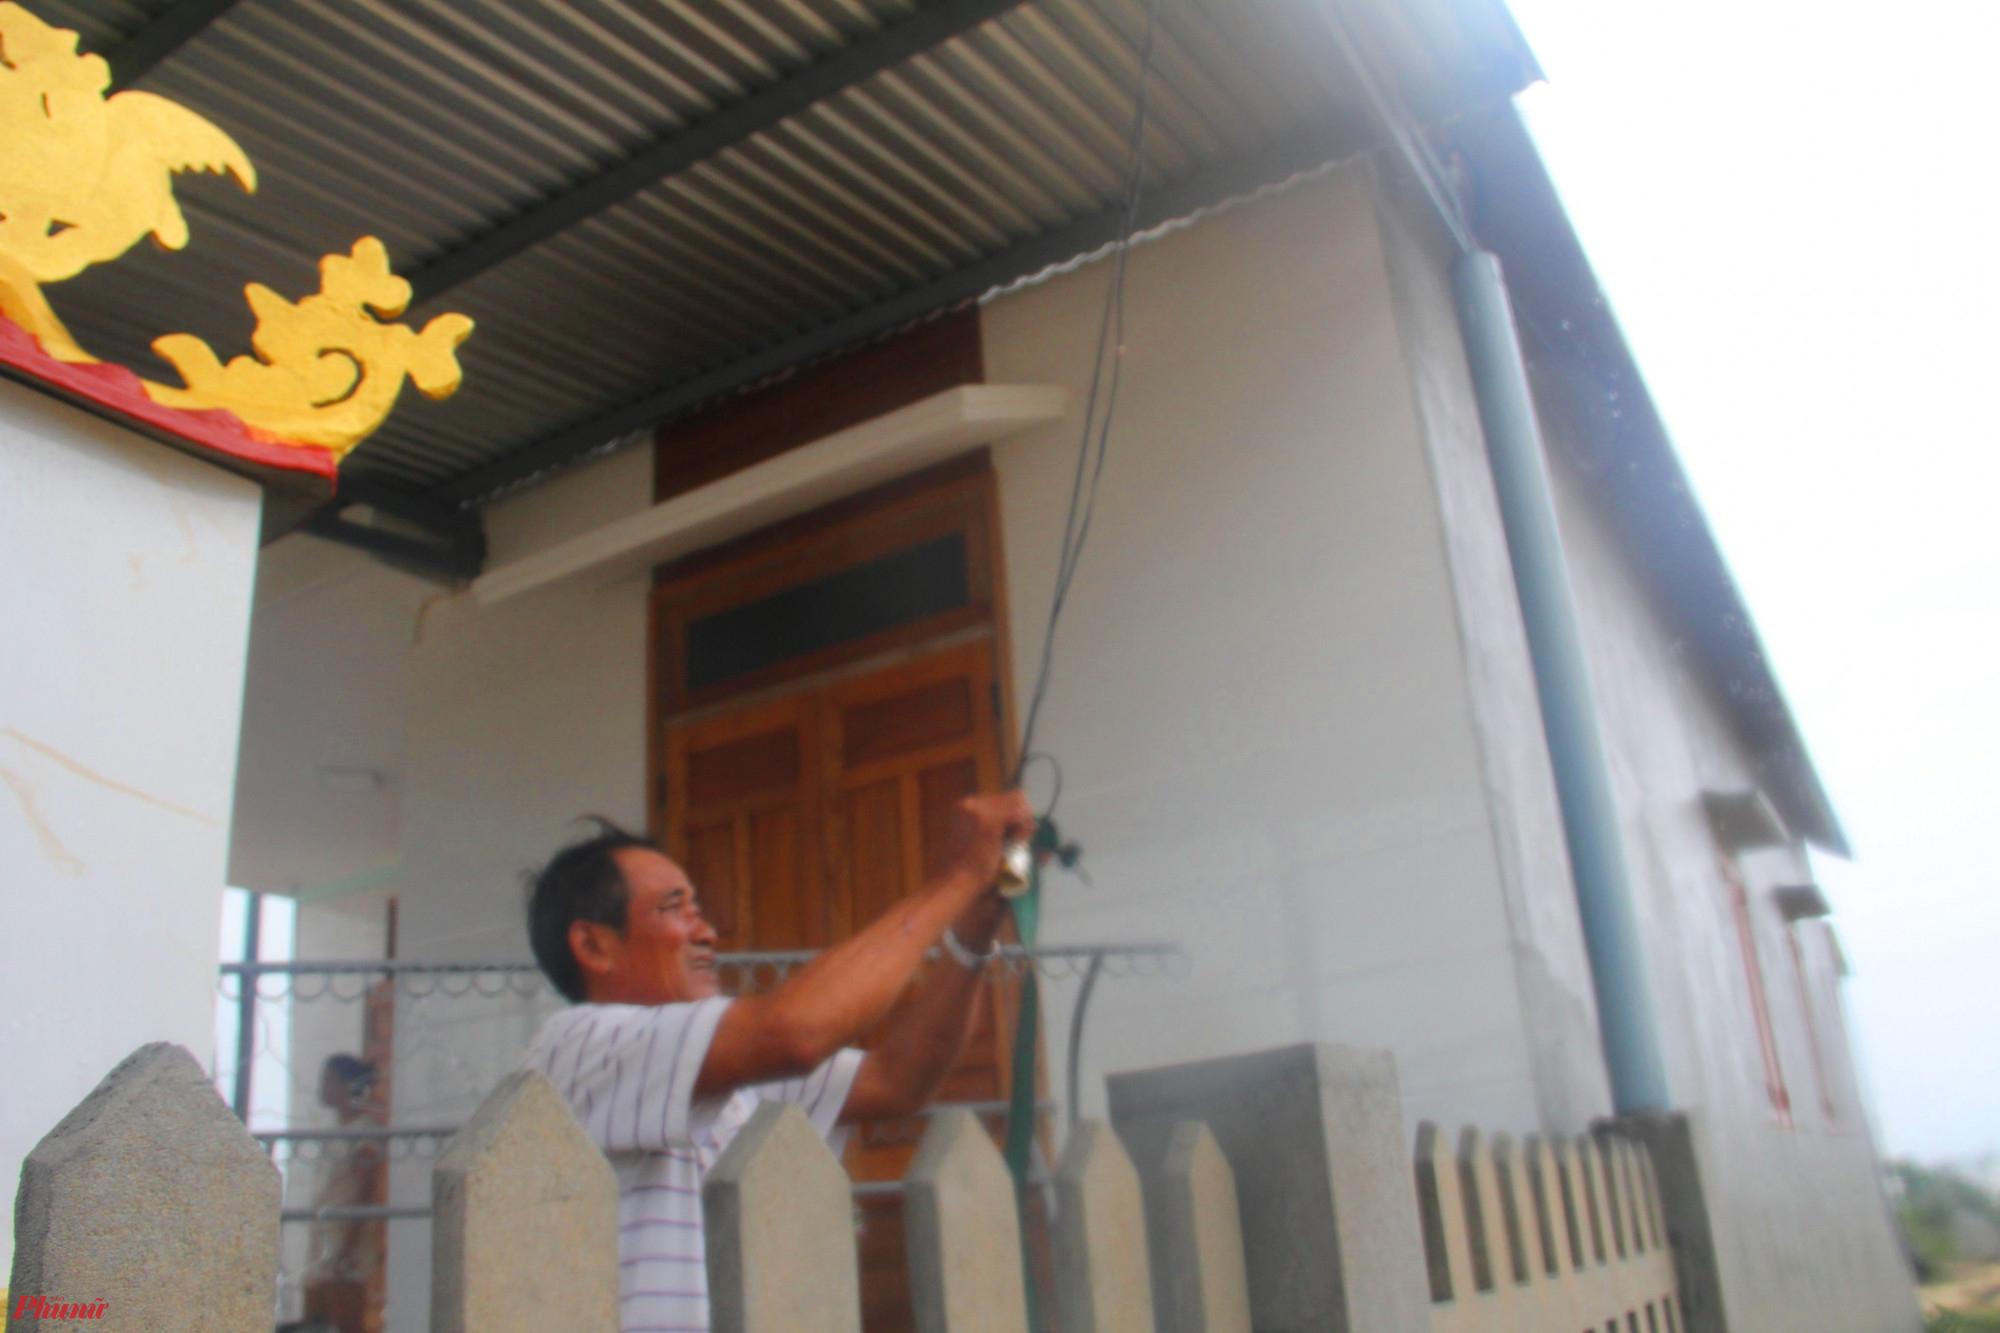 Việc giằng chống của nhà cửa của người dân đàn gặp nhiều khó khăn do trời mưa mỗi lúc một nặng hạt